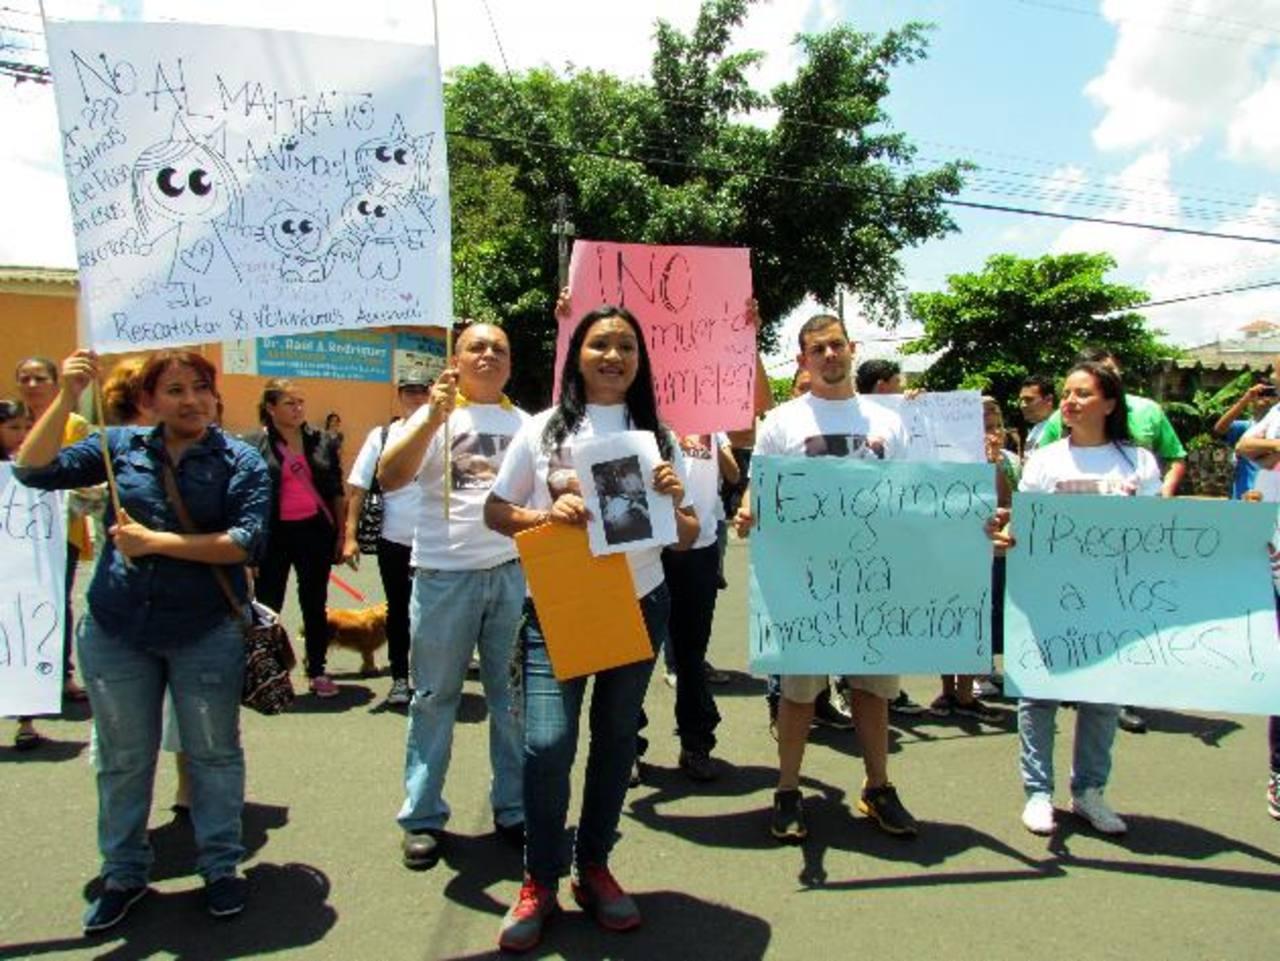 La marcha fue apoyada por la asociación protectora de animales Huellitas. Foto EDH / MAURICIO GUEVARA